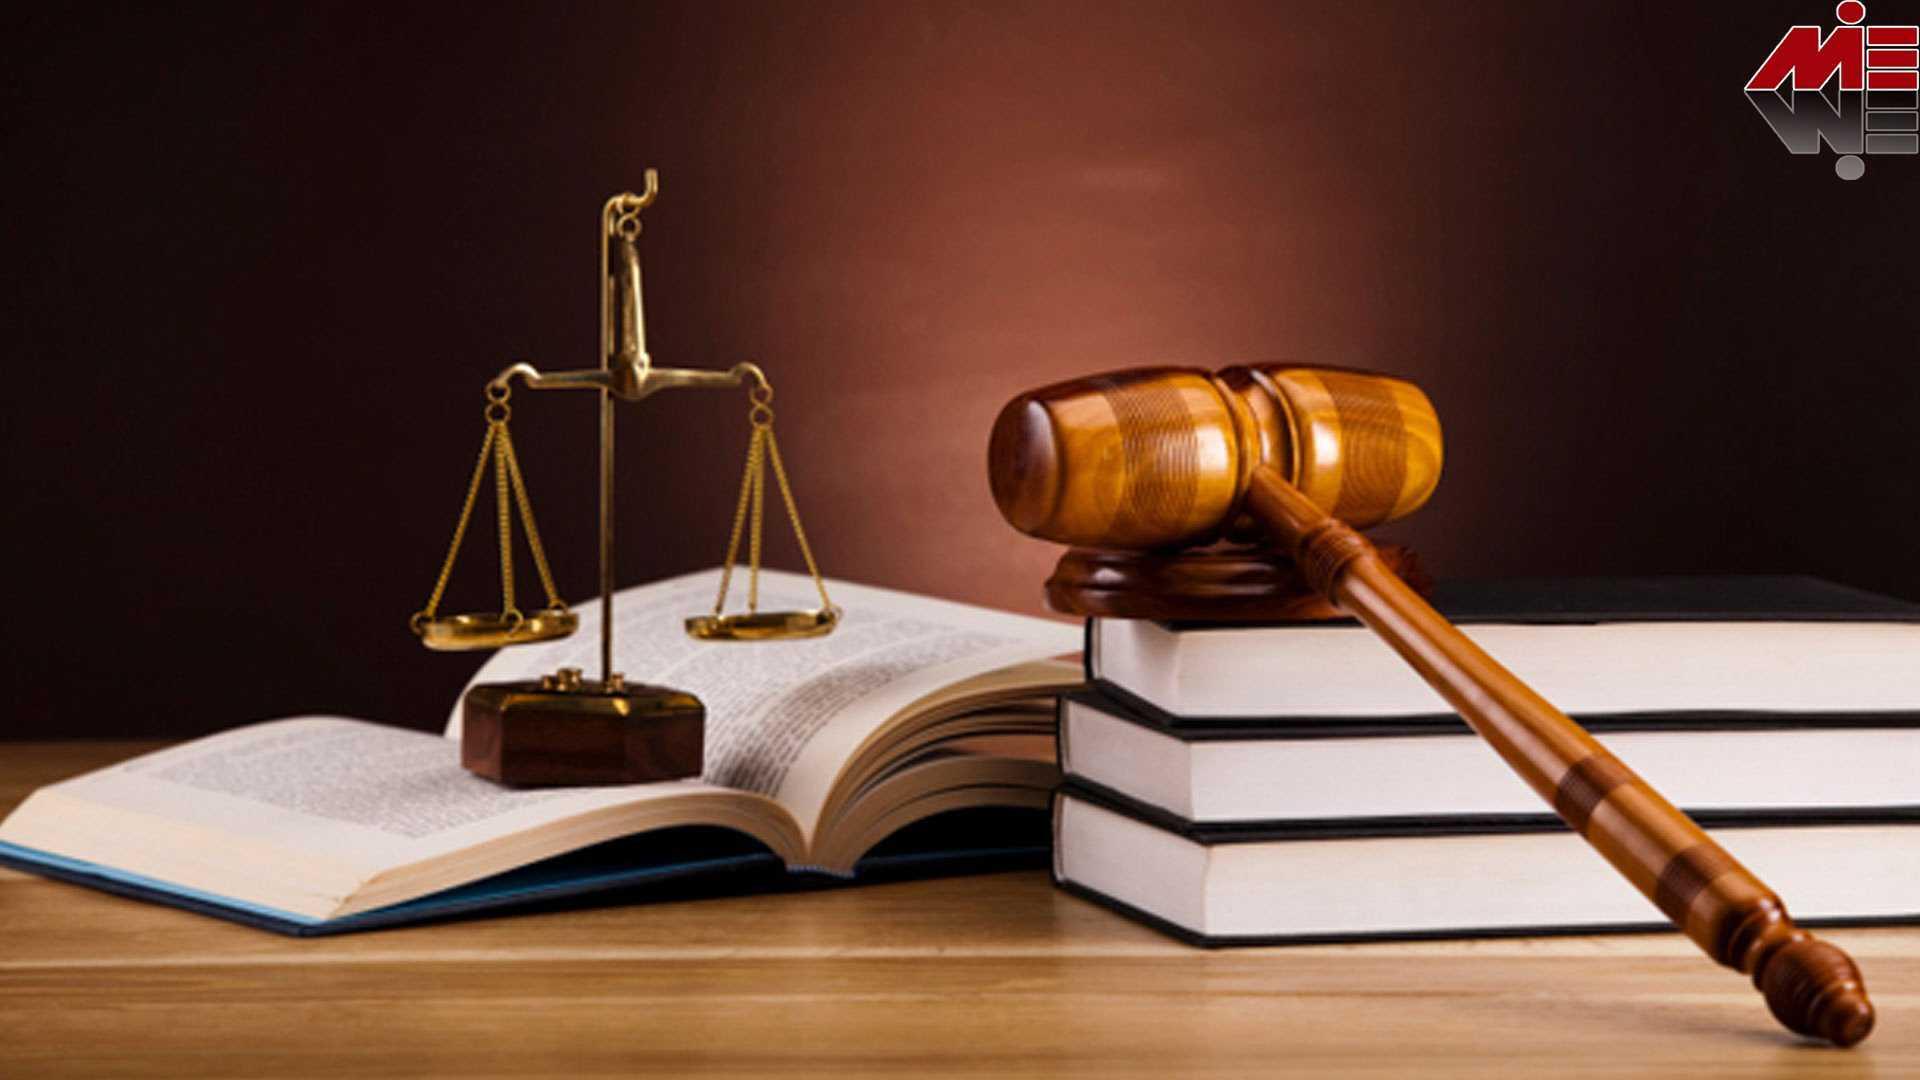 1 وکیل مهاجرت در مشهد